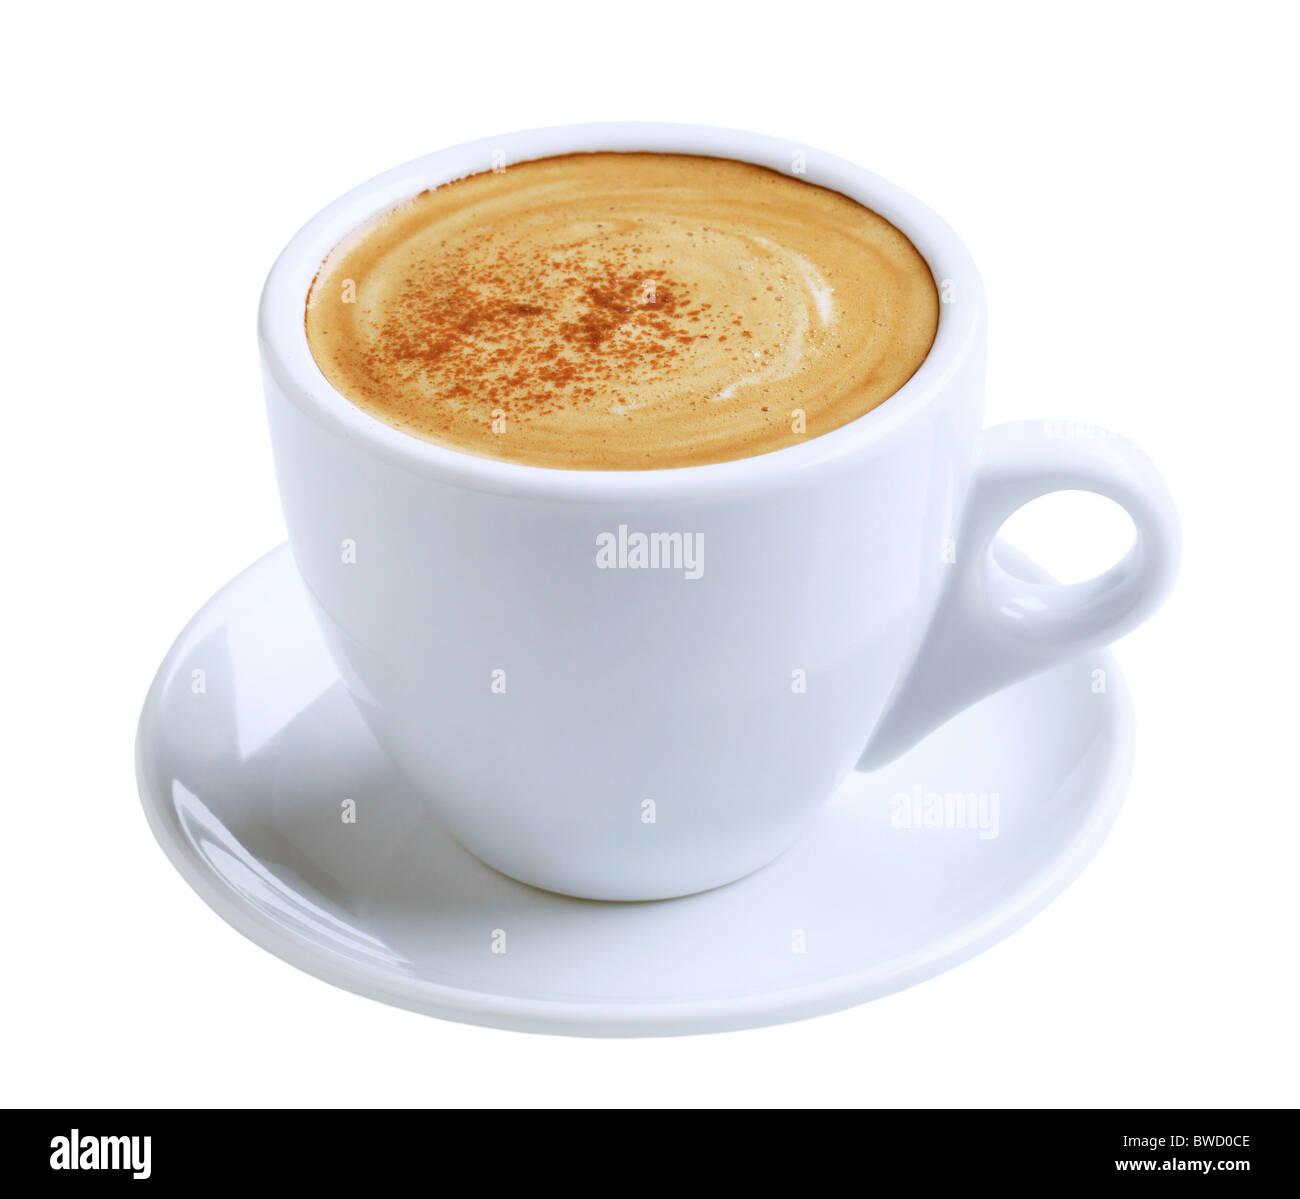 Tazza di caffè con la schiuma e cannella Immagini Stock